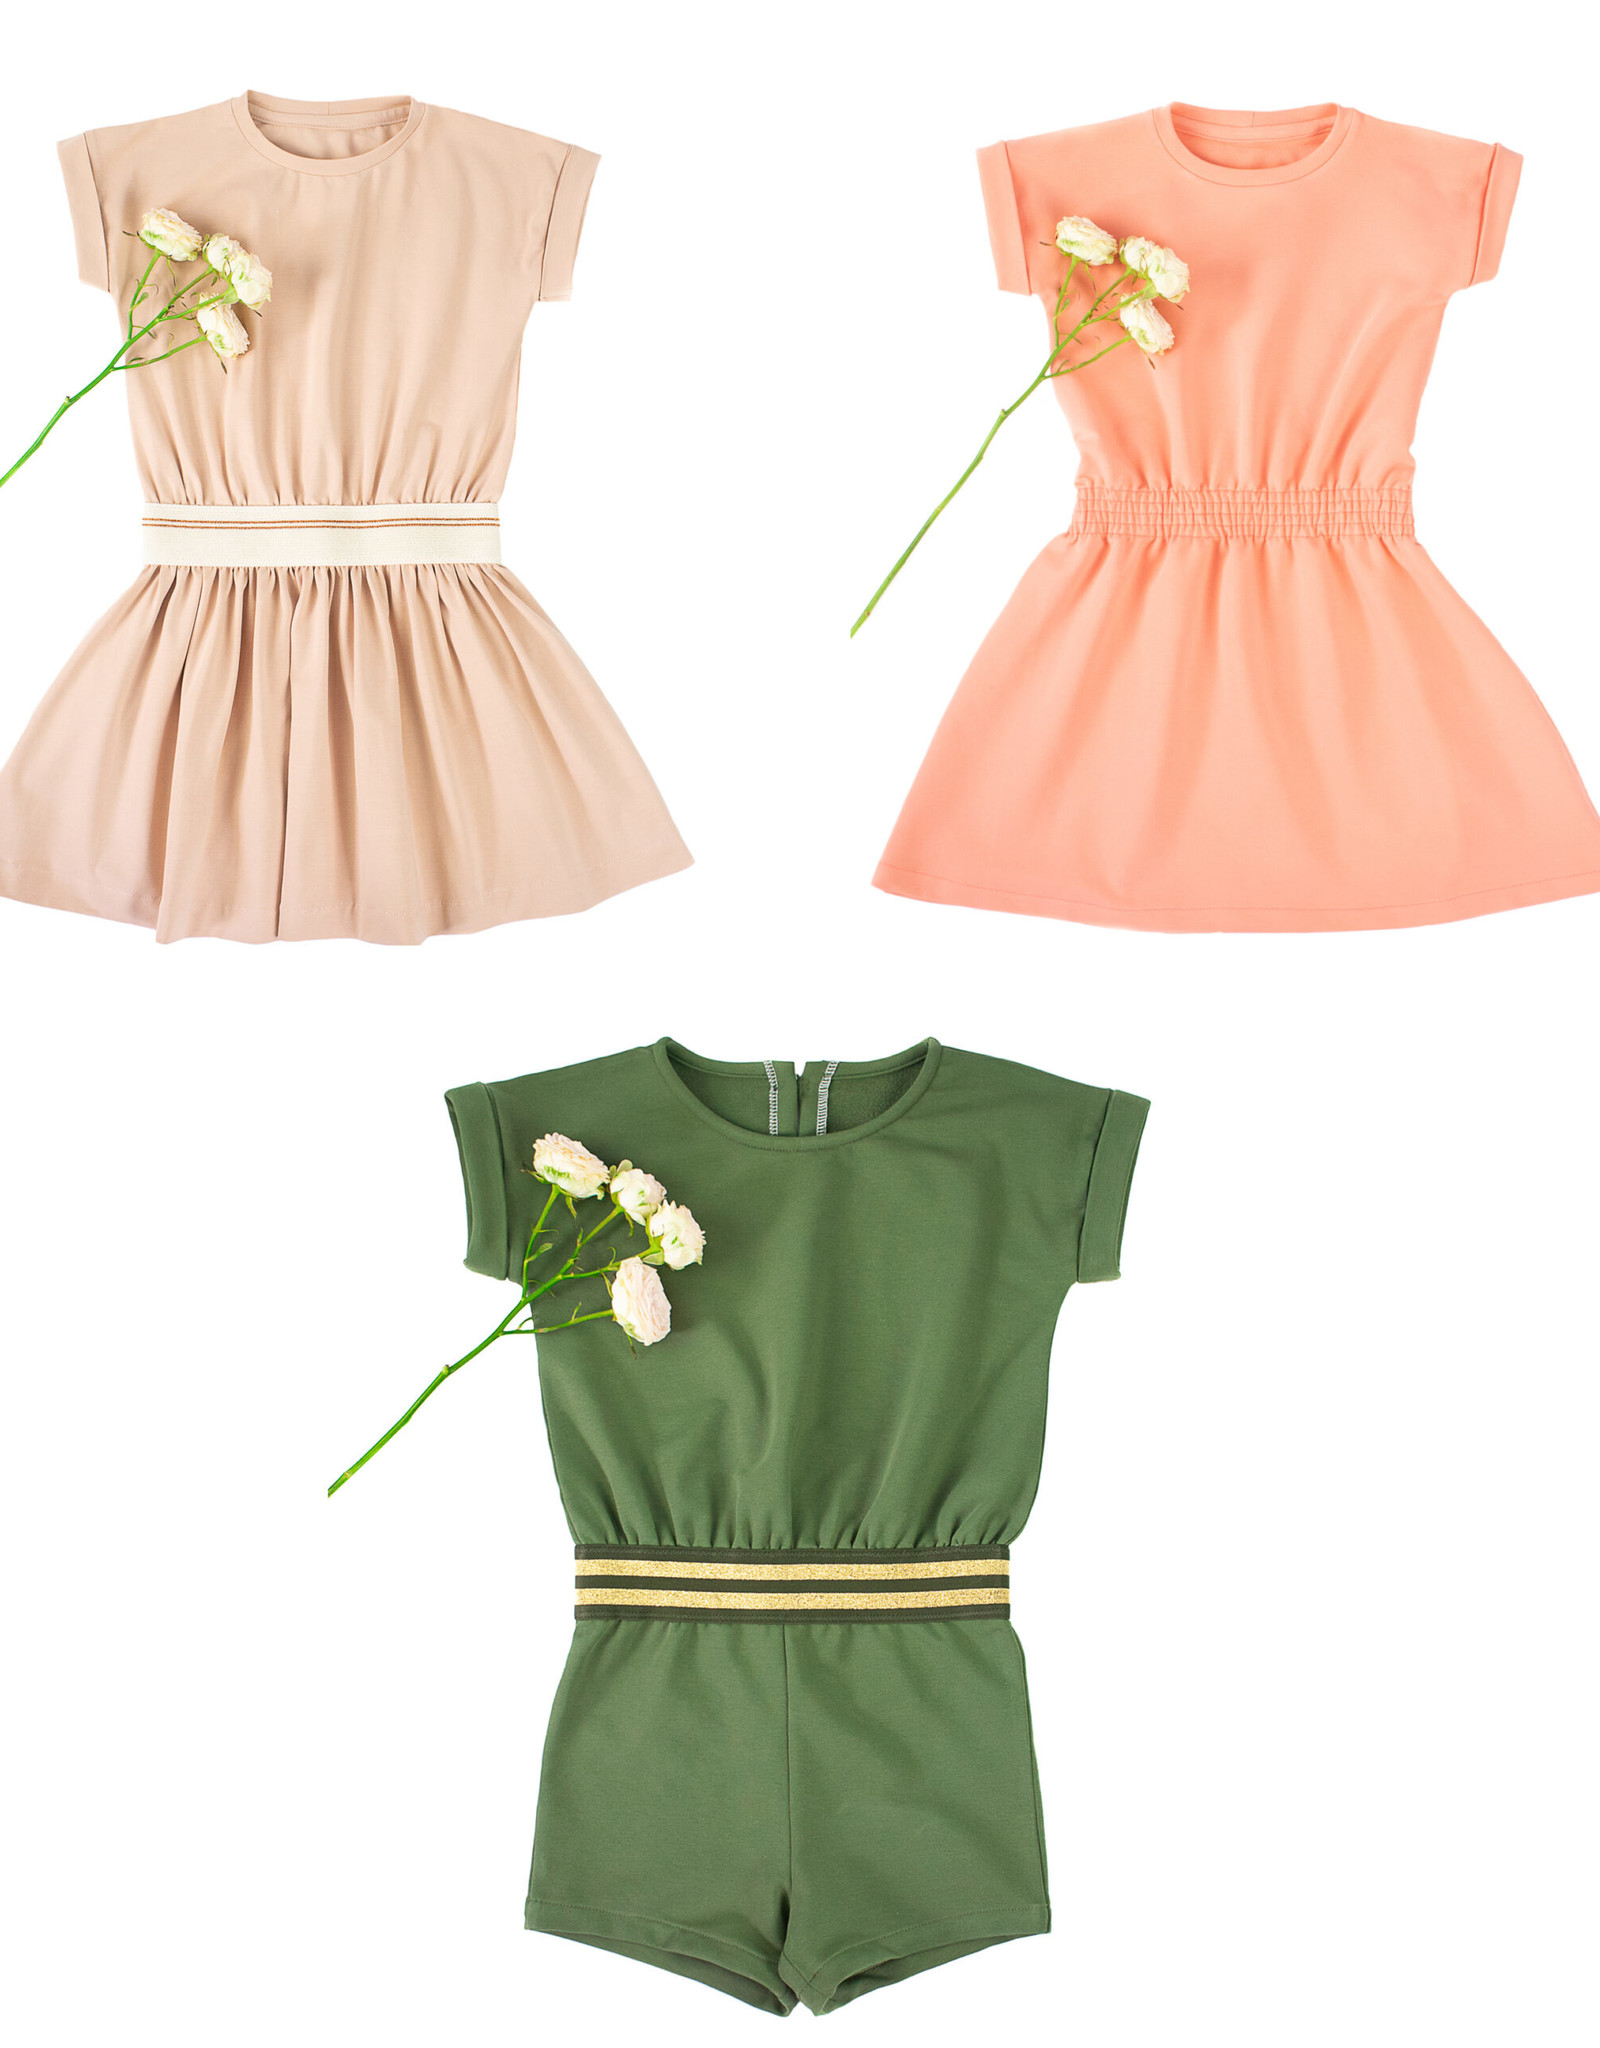 Bel'Etoile Lux jurk voor kinderen